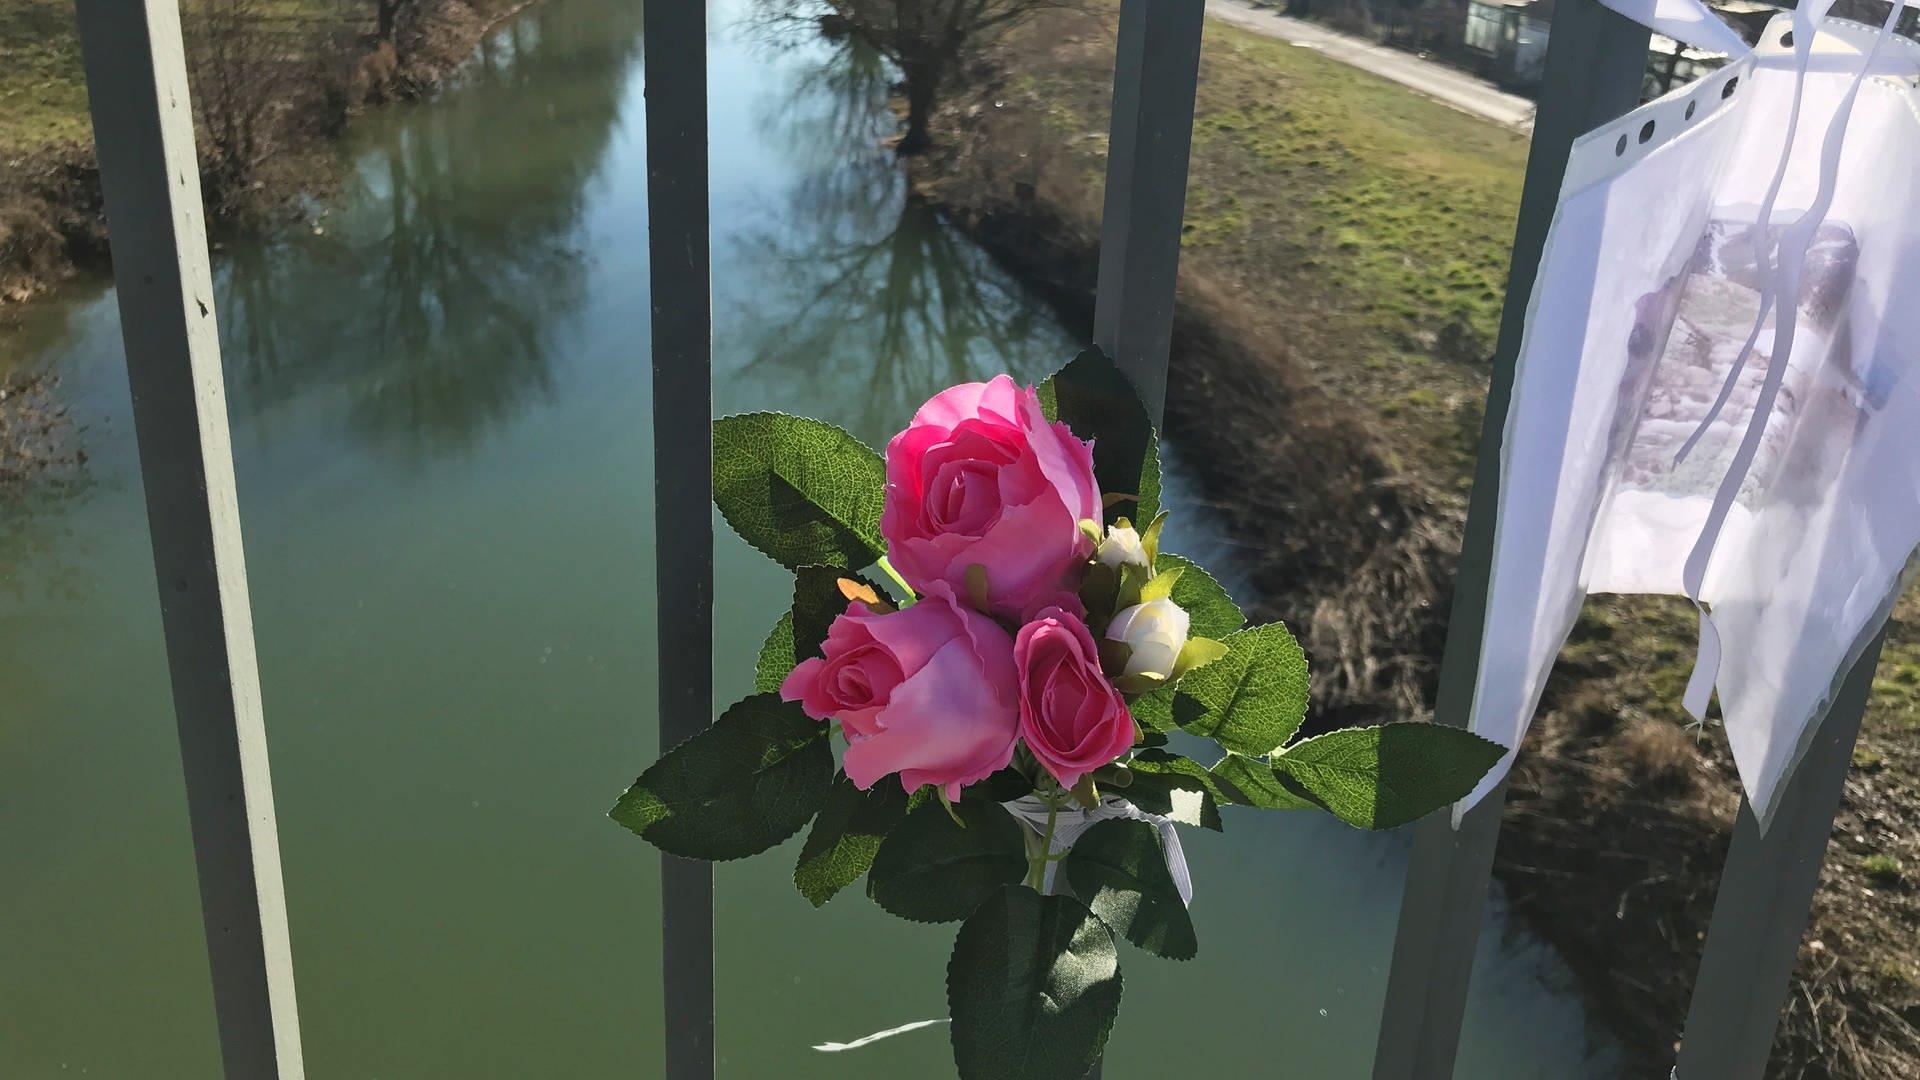 Suche nach vermissten Mädchen in Tauberbischofsheim - Rose auf der Brücke